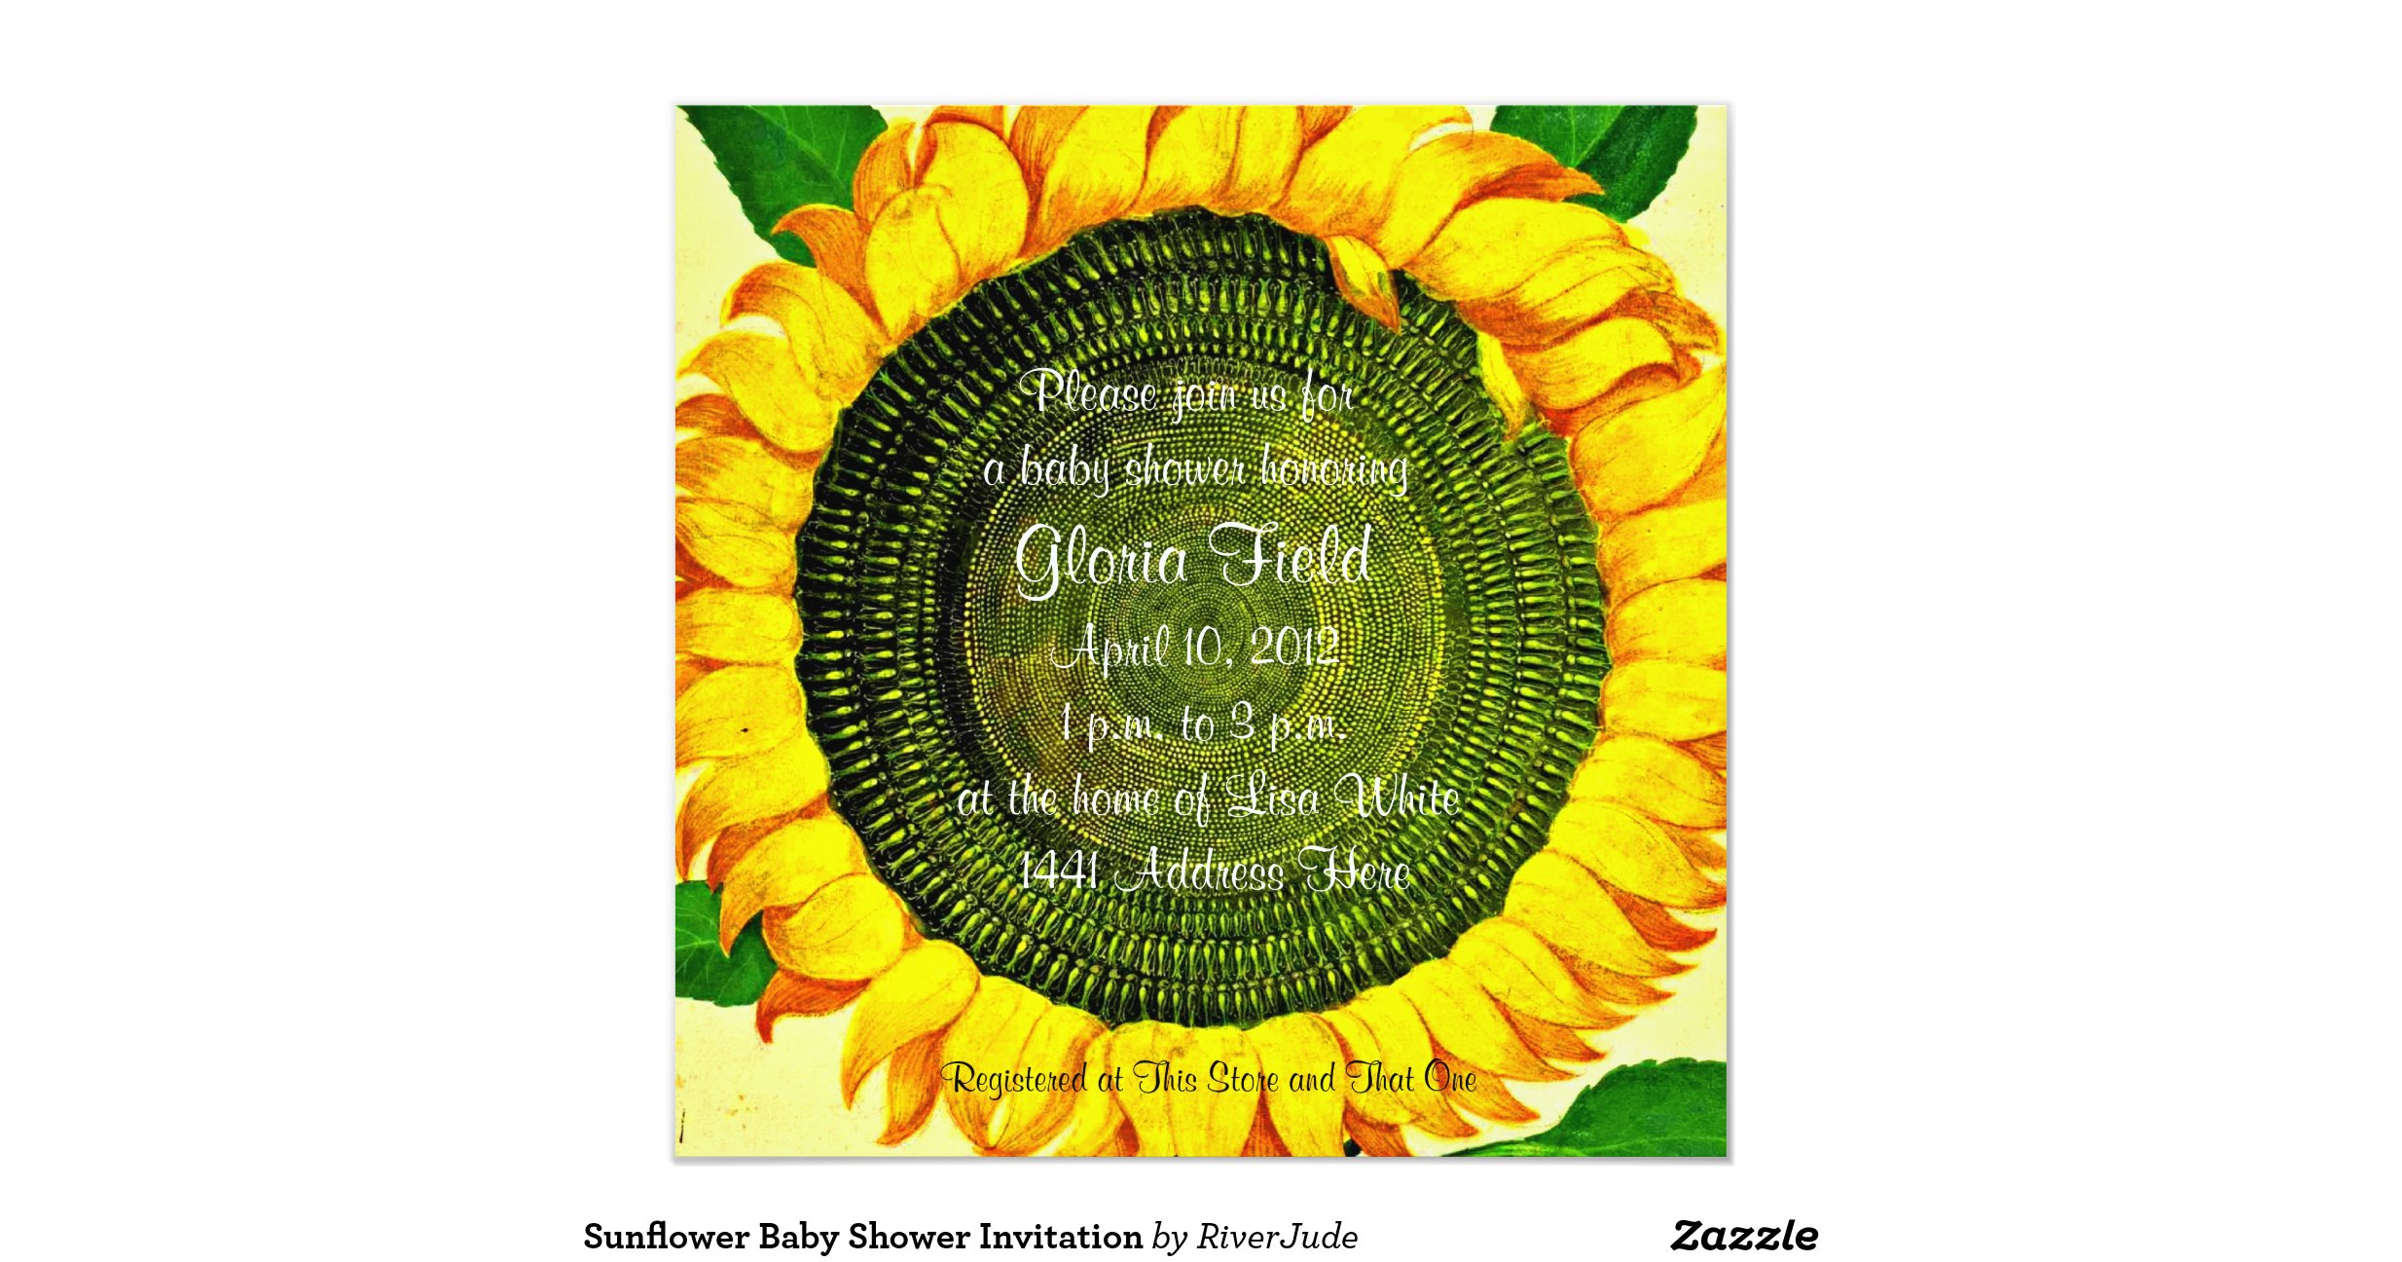 sunflower baby shower invitation r9ed87700252e4ac795c251372b9fa5da